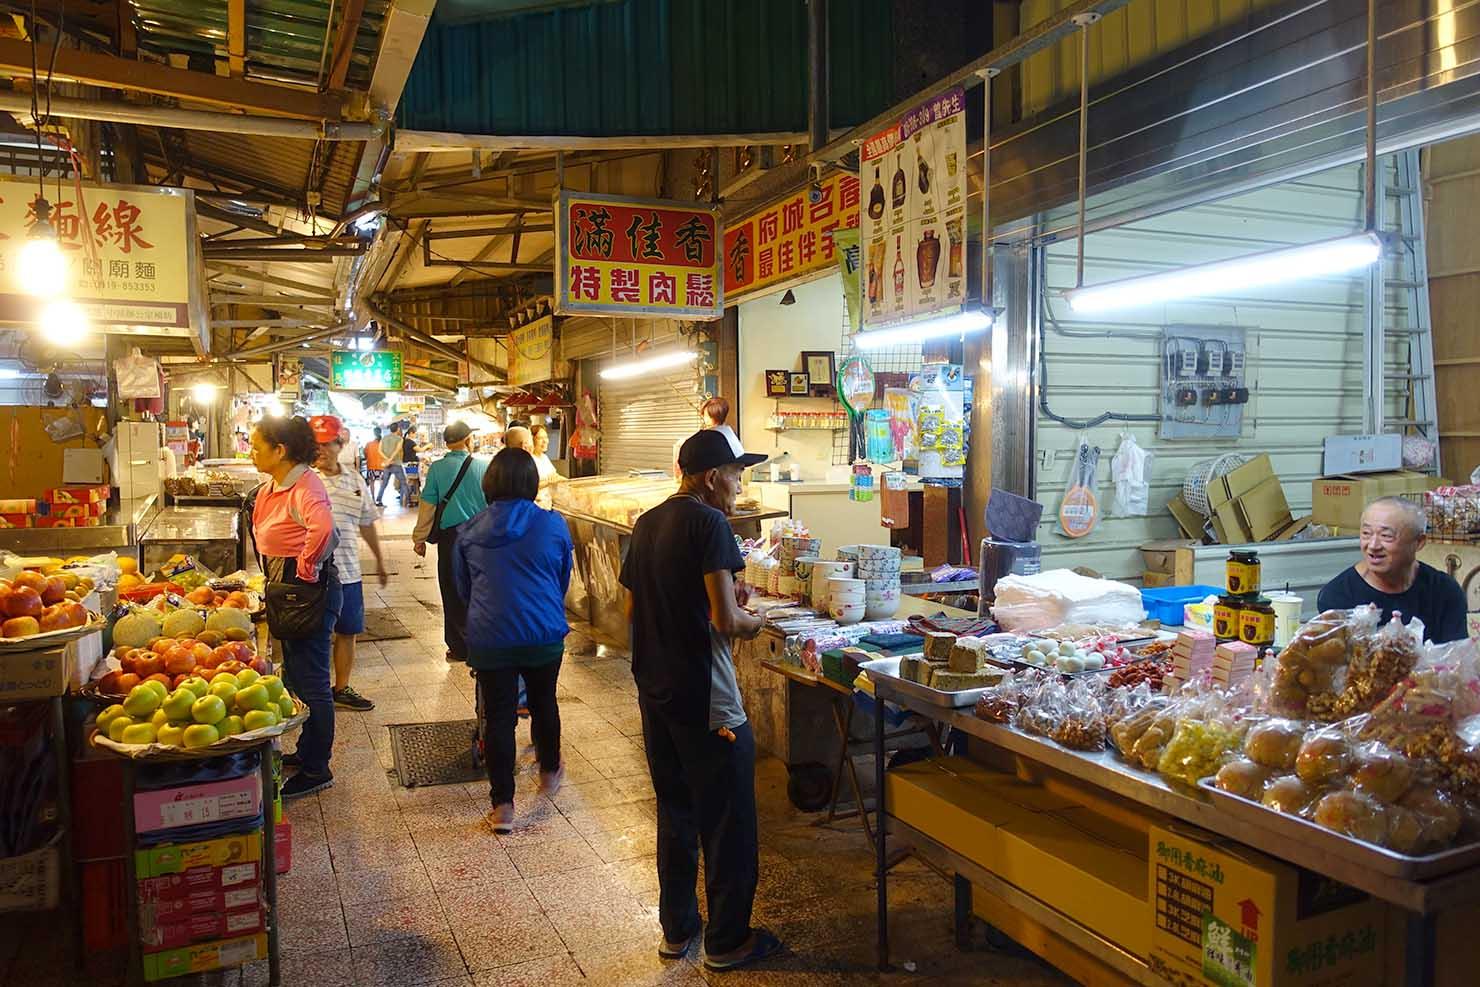 台湾の古都・台南のおすすめ観光スポット「水仙宮市場」市場内の様子